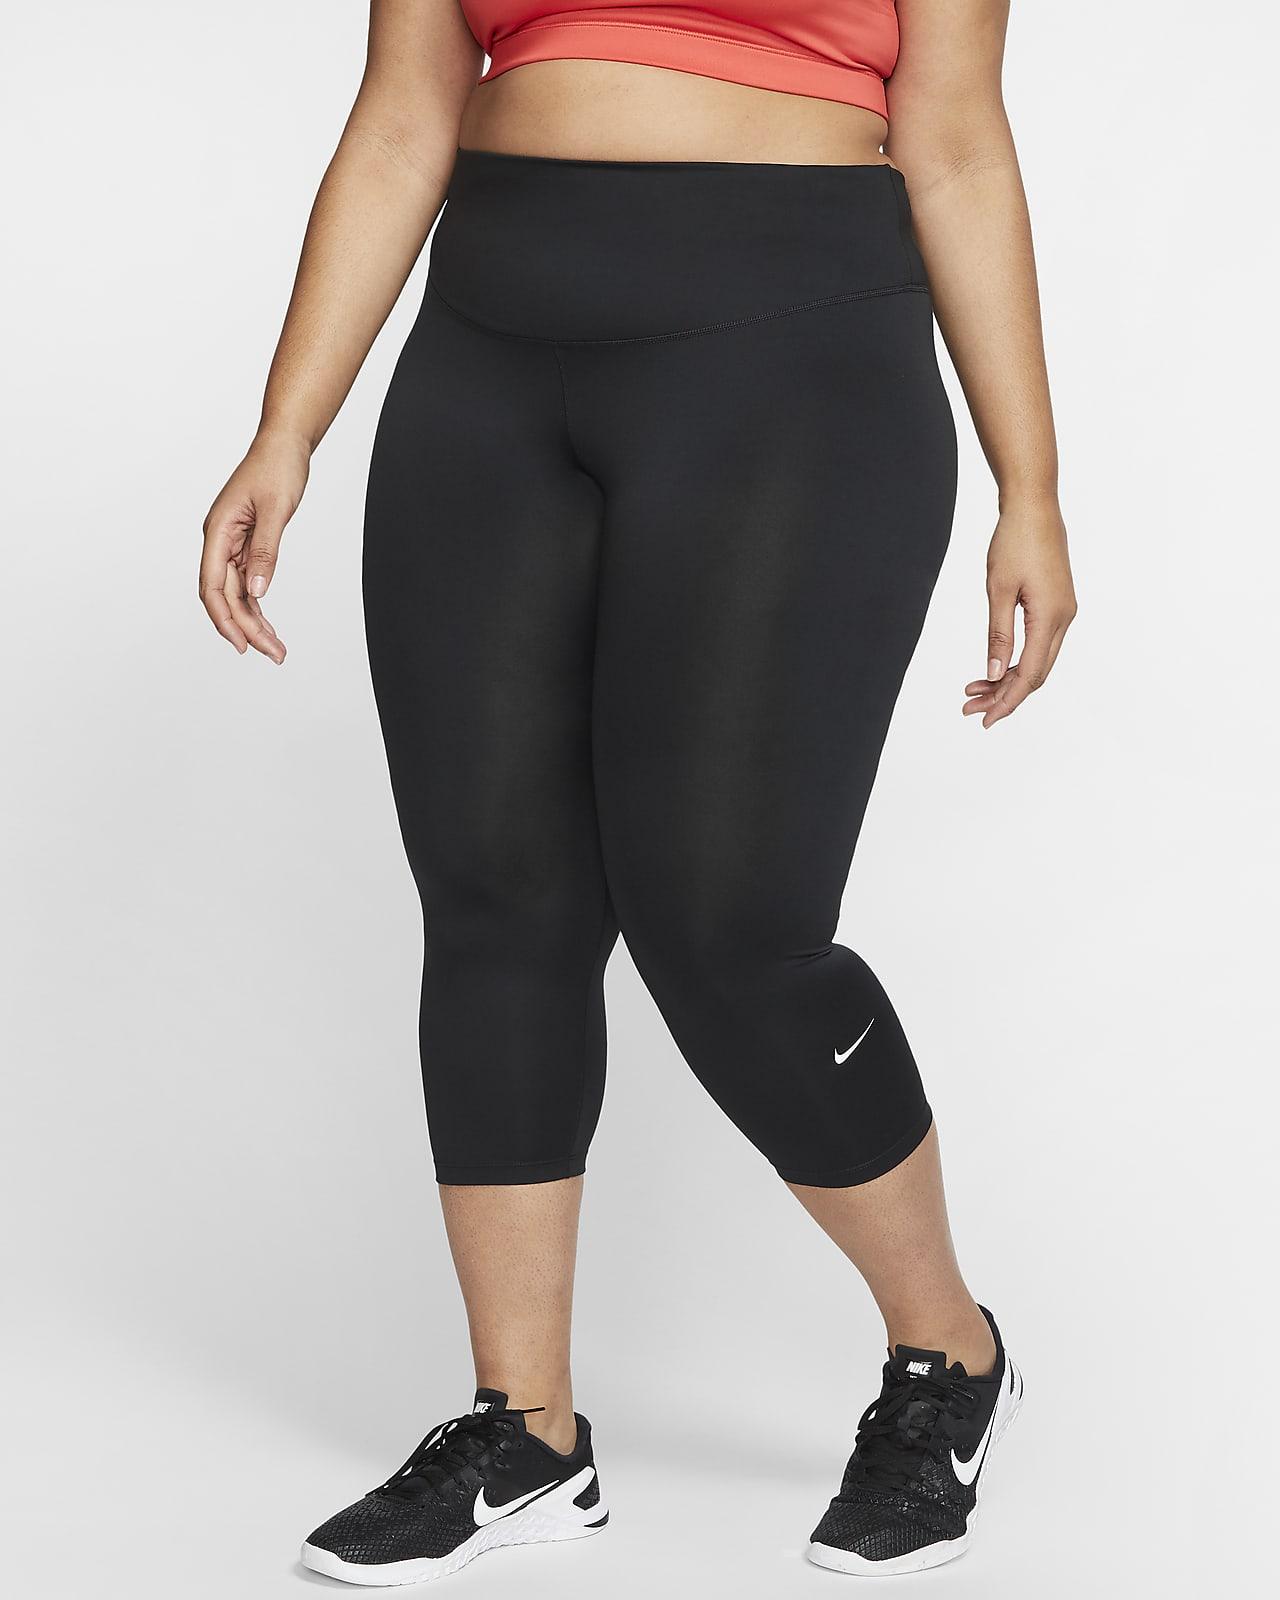 Nike One Mallas de tres cuartos (Talla grande) - Mujer